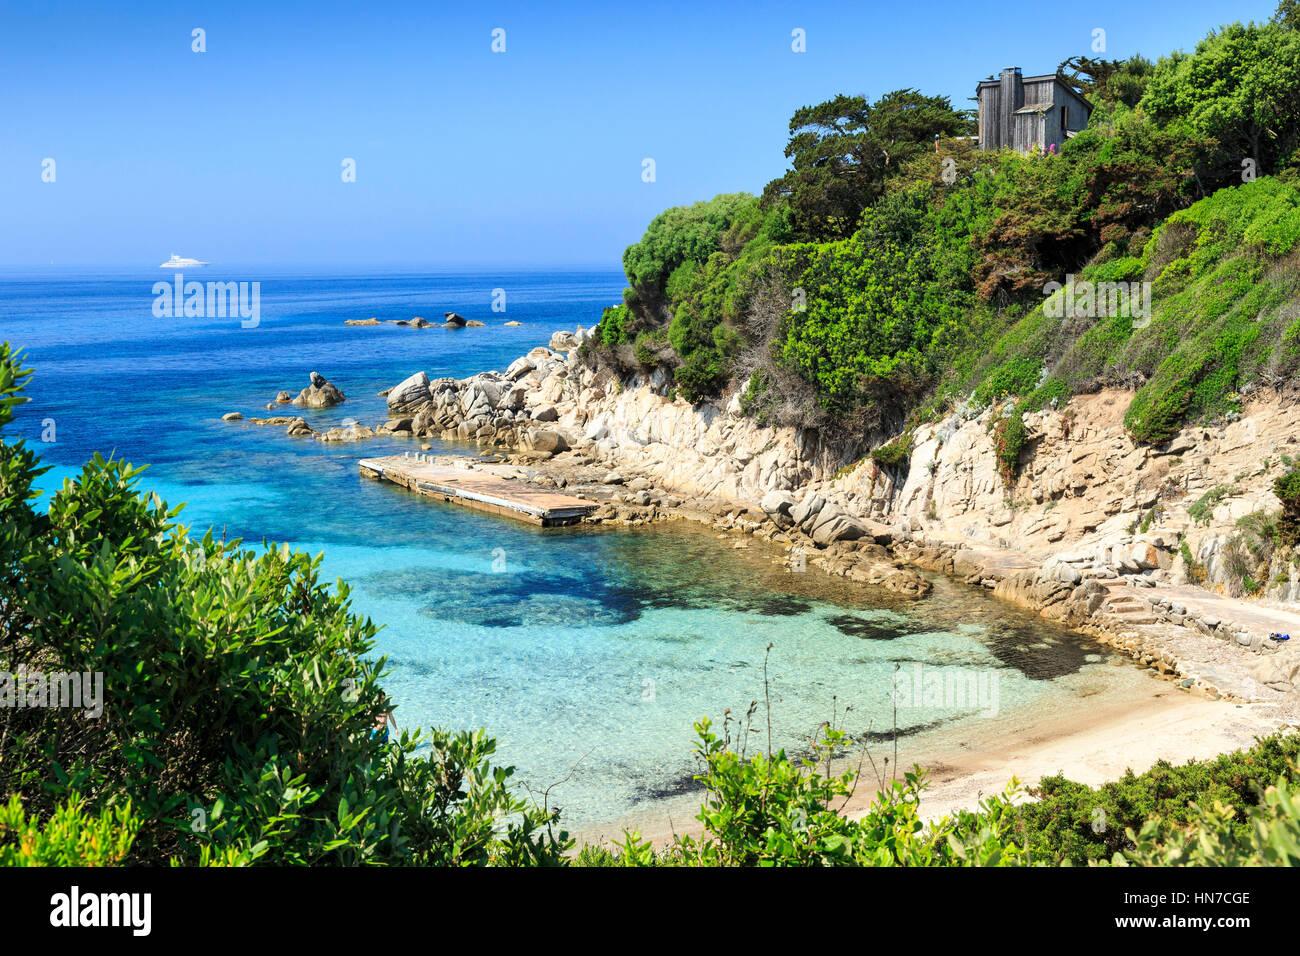 Acqua limpida e Spiaggia di Sperone, Corsica, Francia Immagini Stock